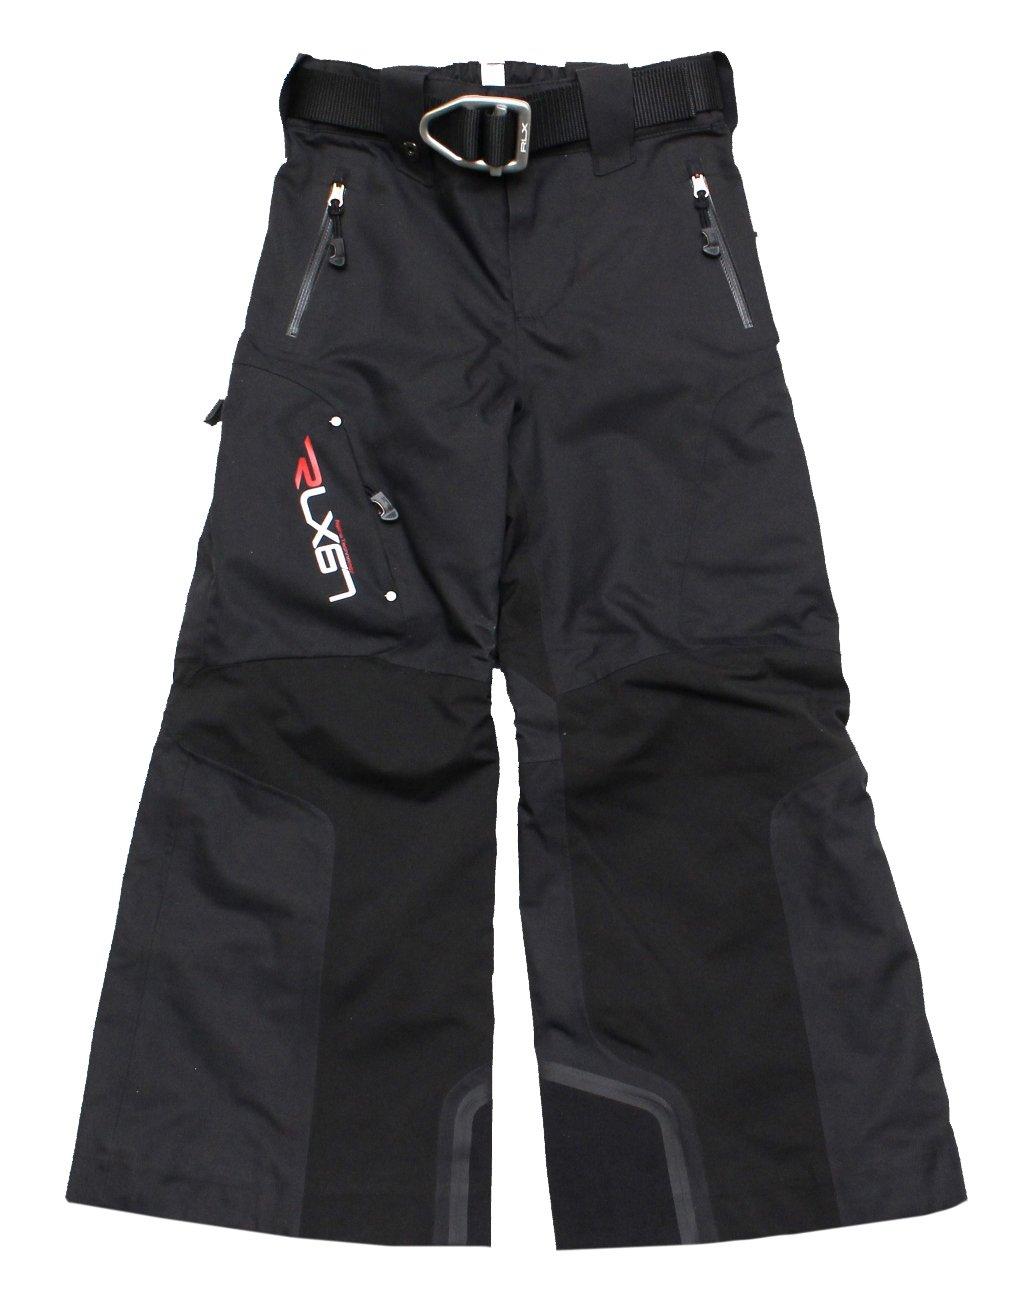 RLX Ralph Lauren Boys Ski Snow Pants, Black (Size 5) by RLX